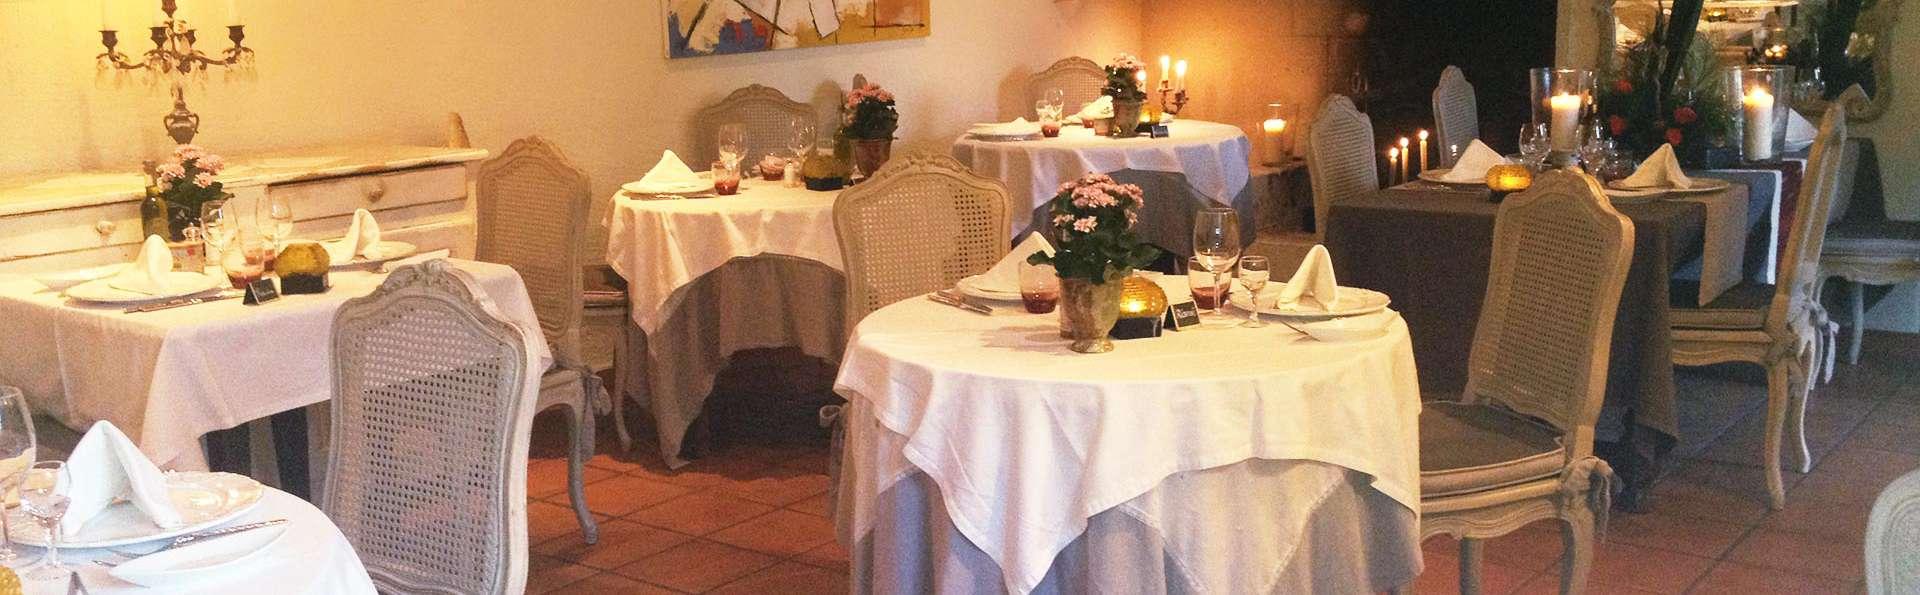 Escapade culinaire à Saint-Rémy de Provence